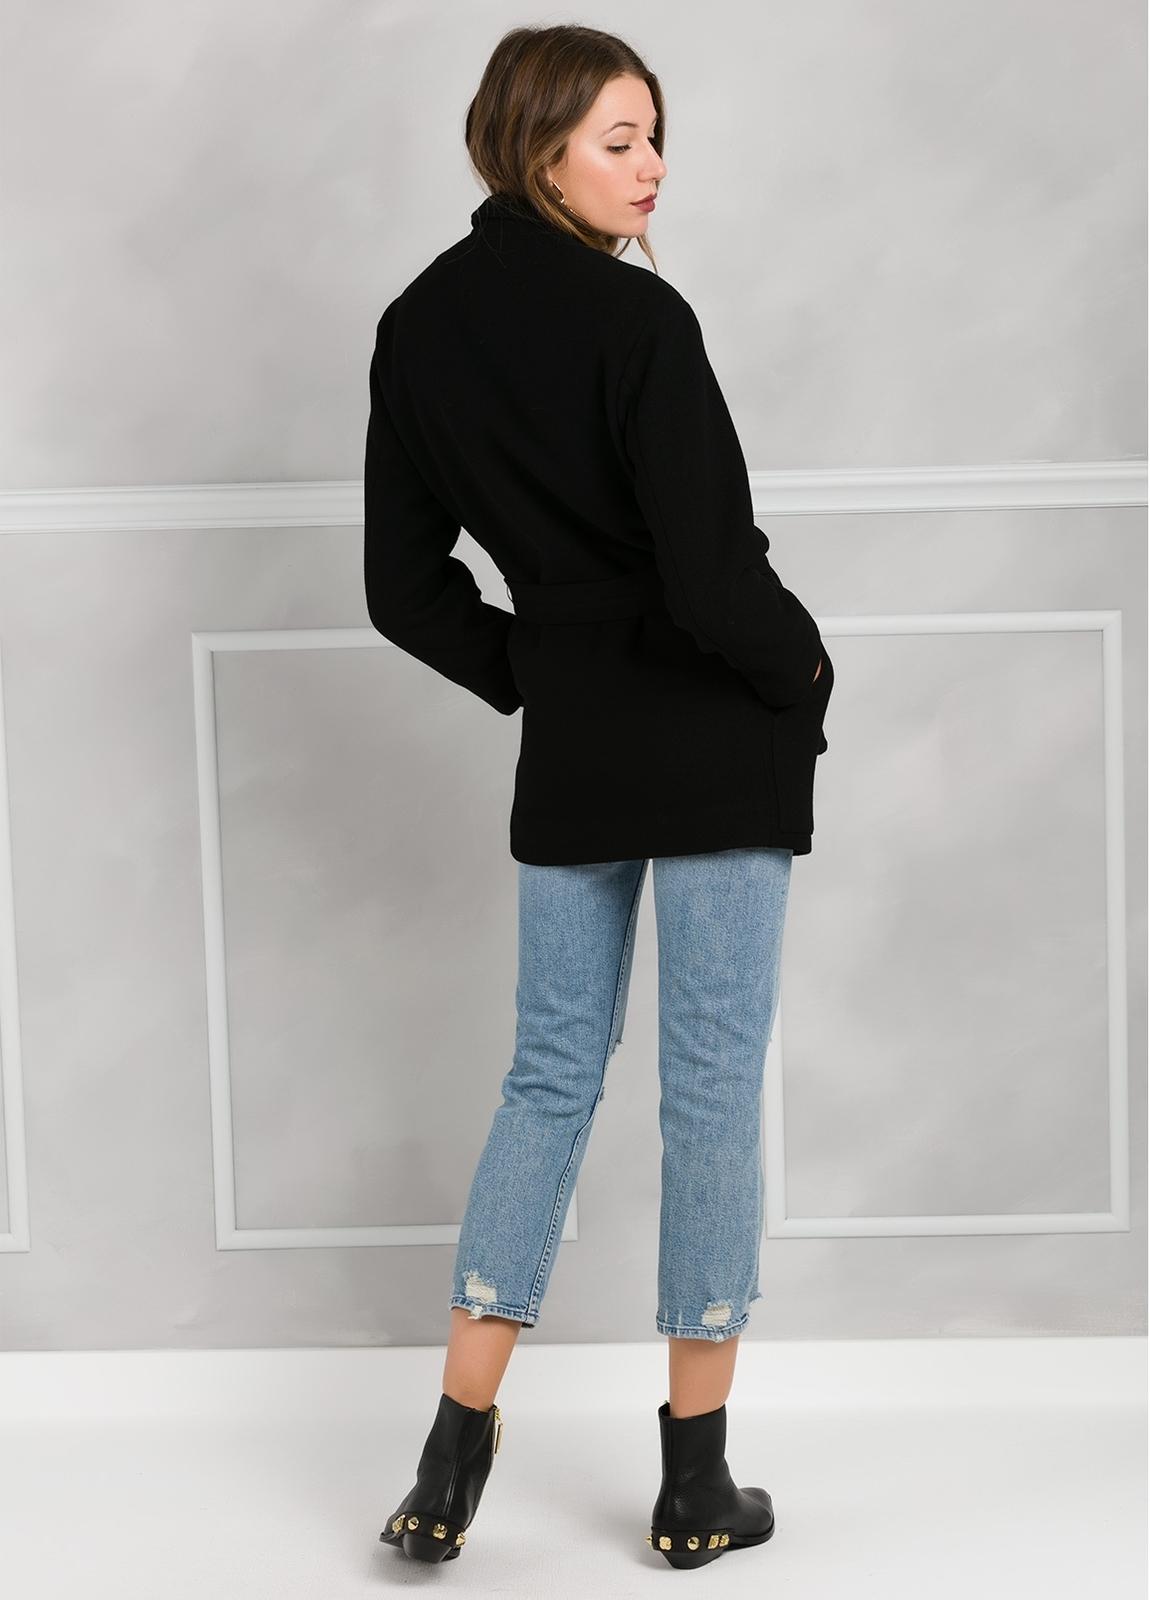 Abrigo color negro con cierre de botón. 76% Poliester 21% Viscosa 3% Elastán. - Ítem1